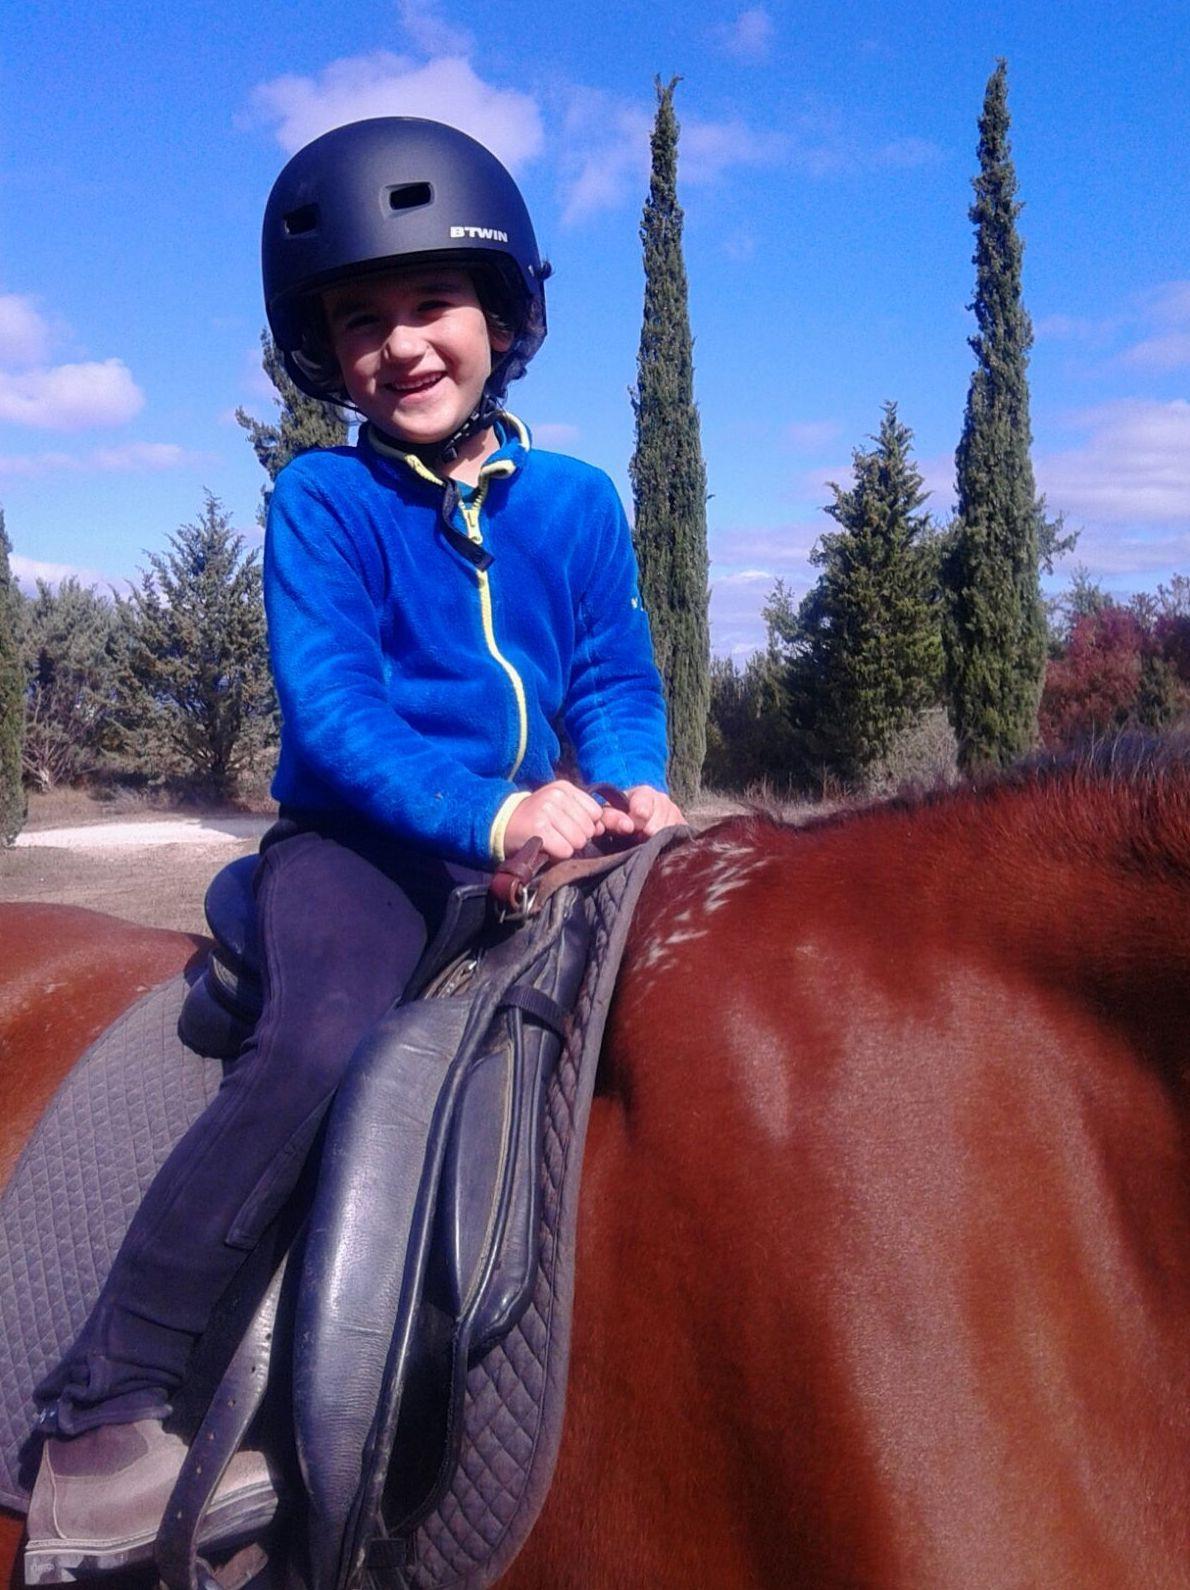 Foto 7 de Centro de equitación y equinoterapia en Labiano | Centro de Equitación y Equinoterapia Biki Blasco